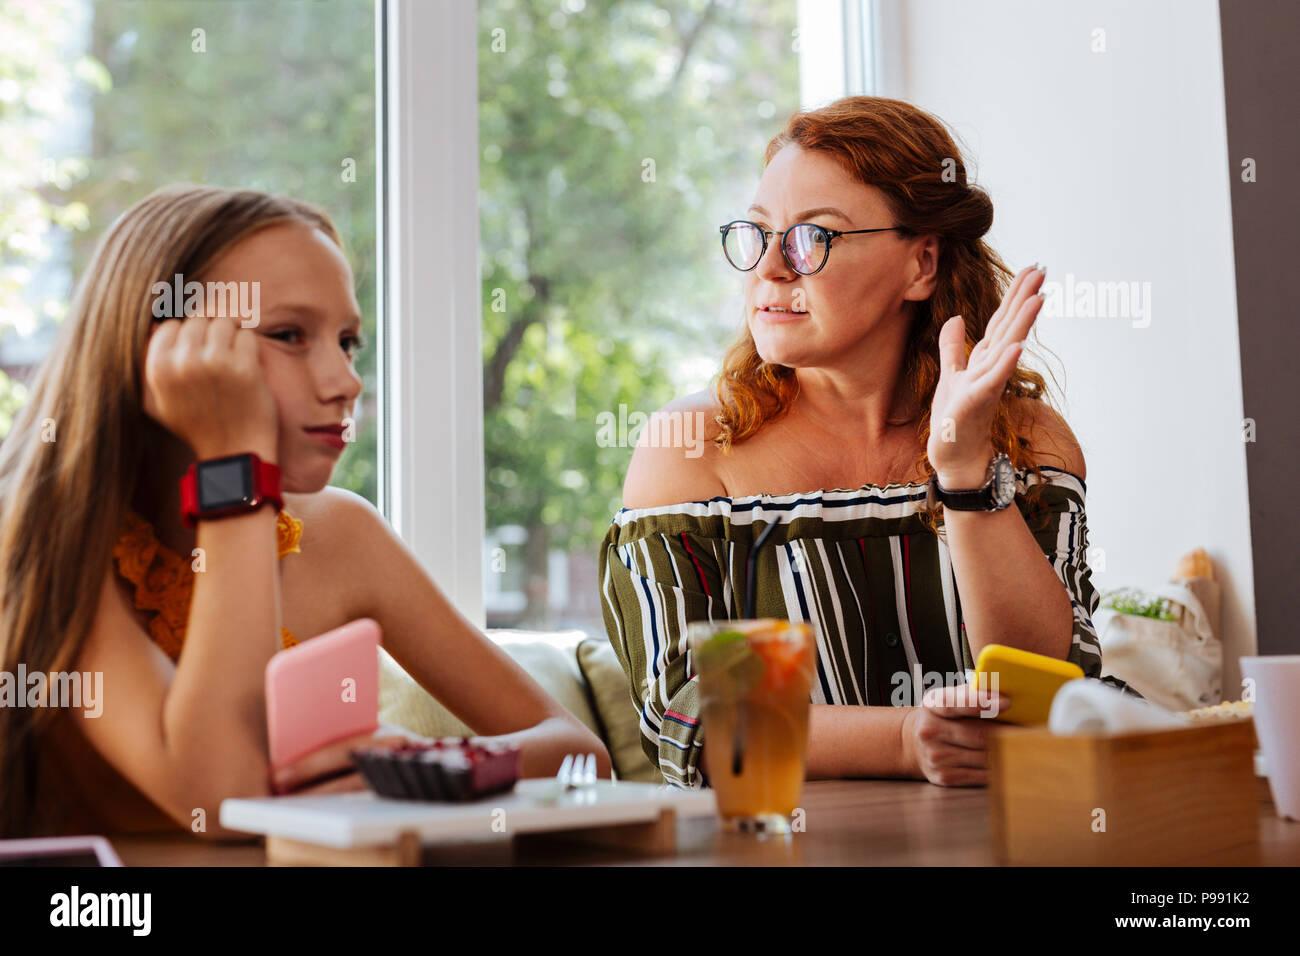 Schwere Mutter Brillen in Konflikt mit Ihrer Tochter Stockbild